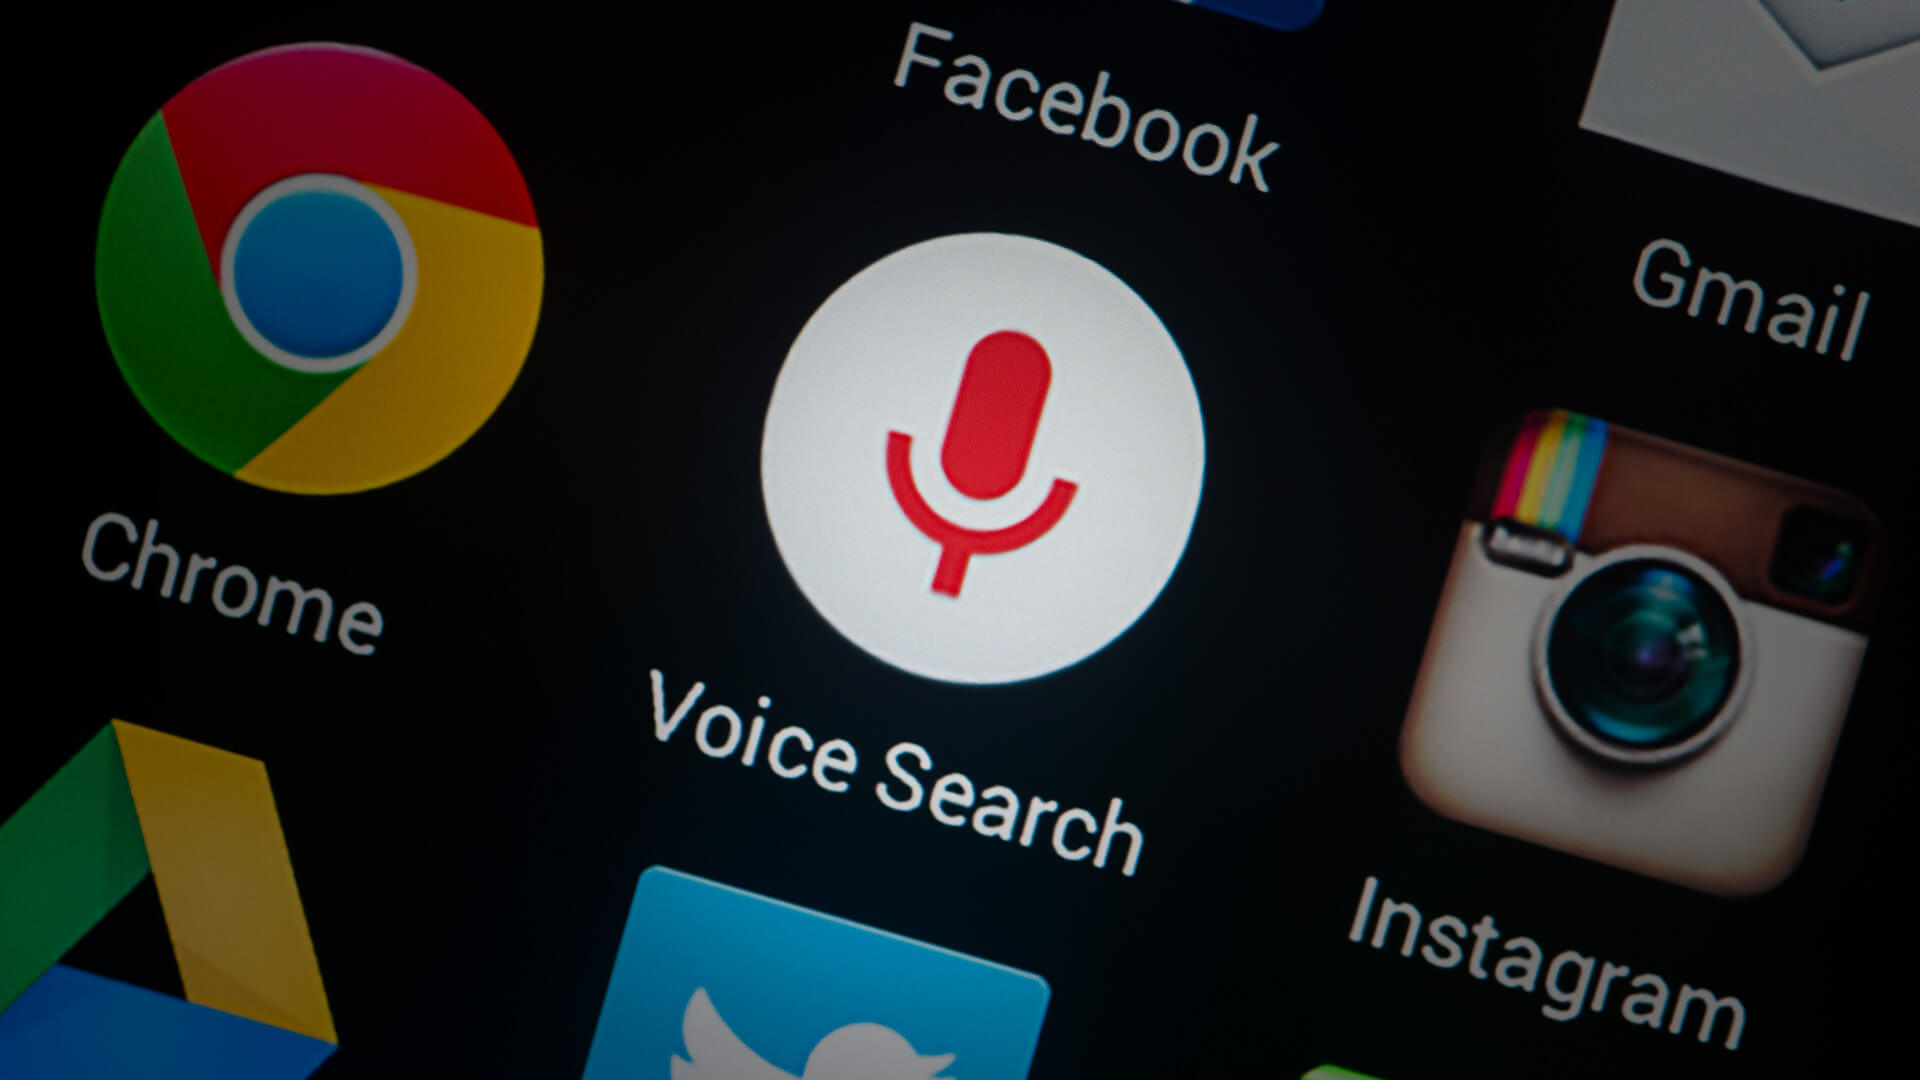 Parliamo di Ricerca vocale: le ultime tendenze per il 2019